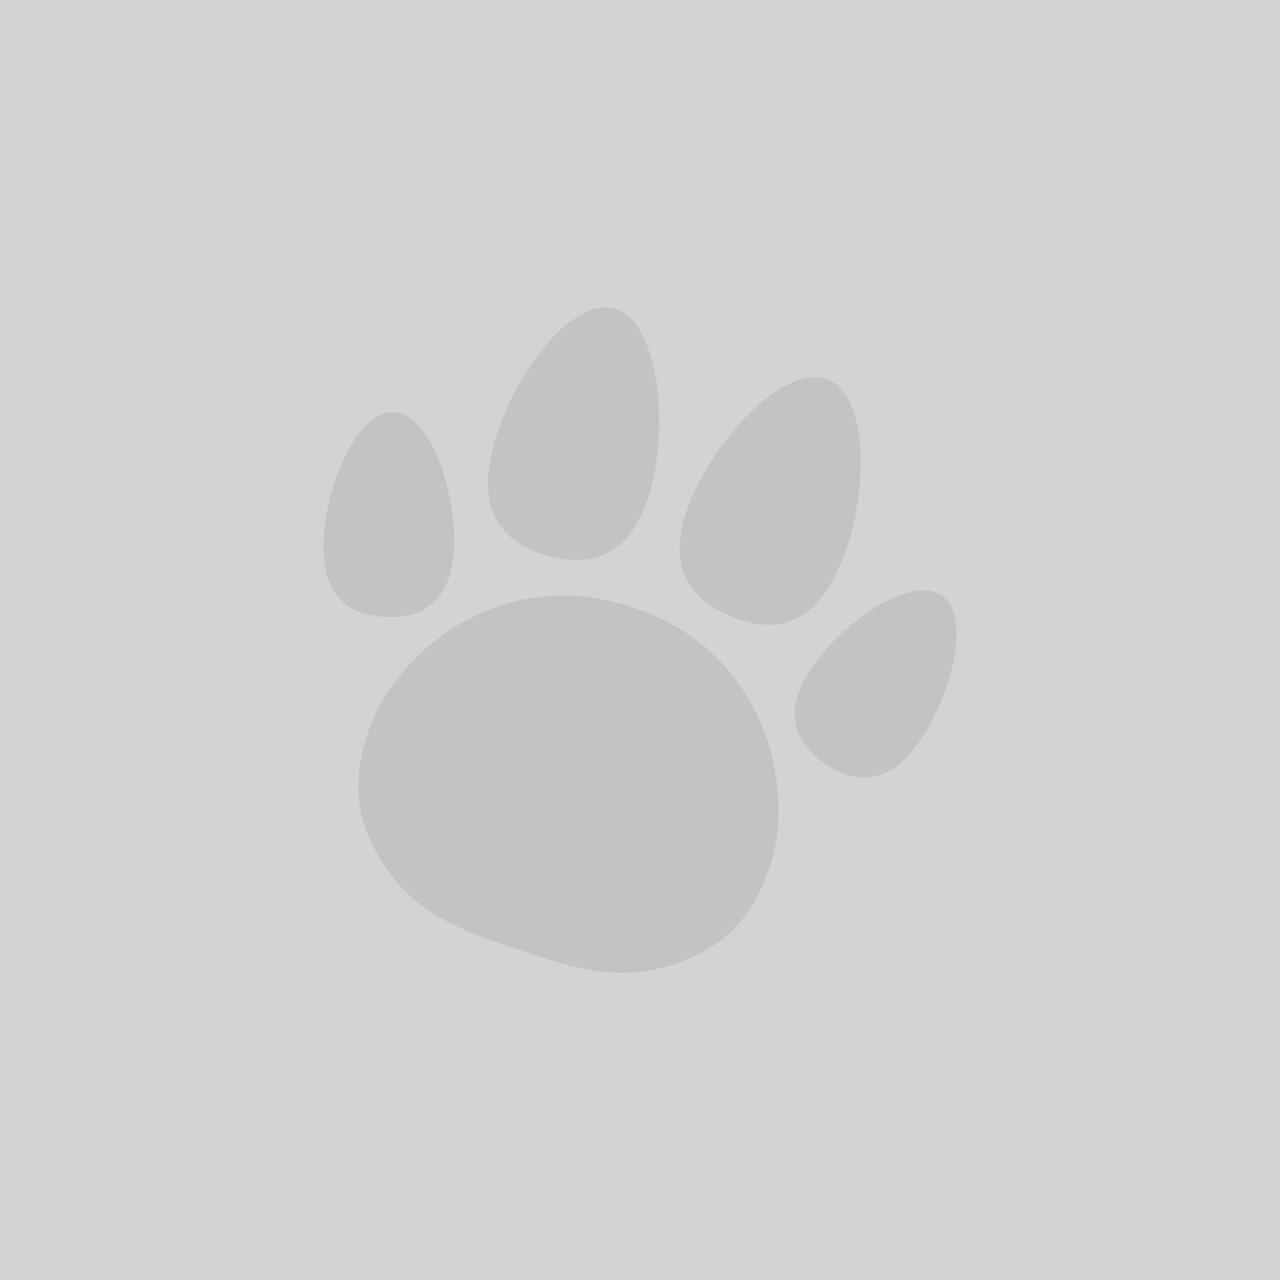 Doodlebone Airmesh Dog Harness Pink Large